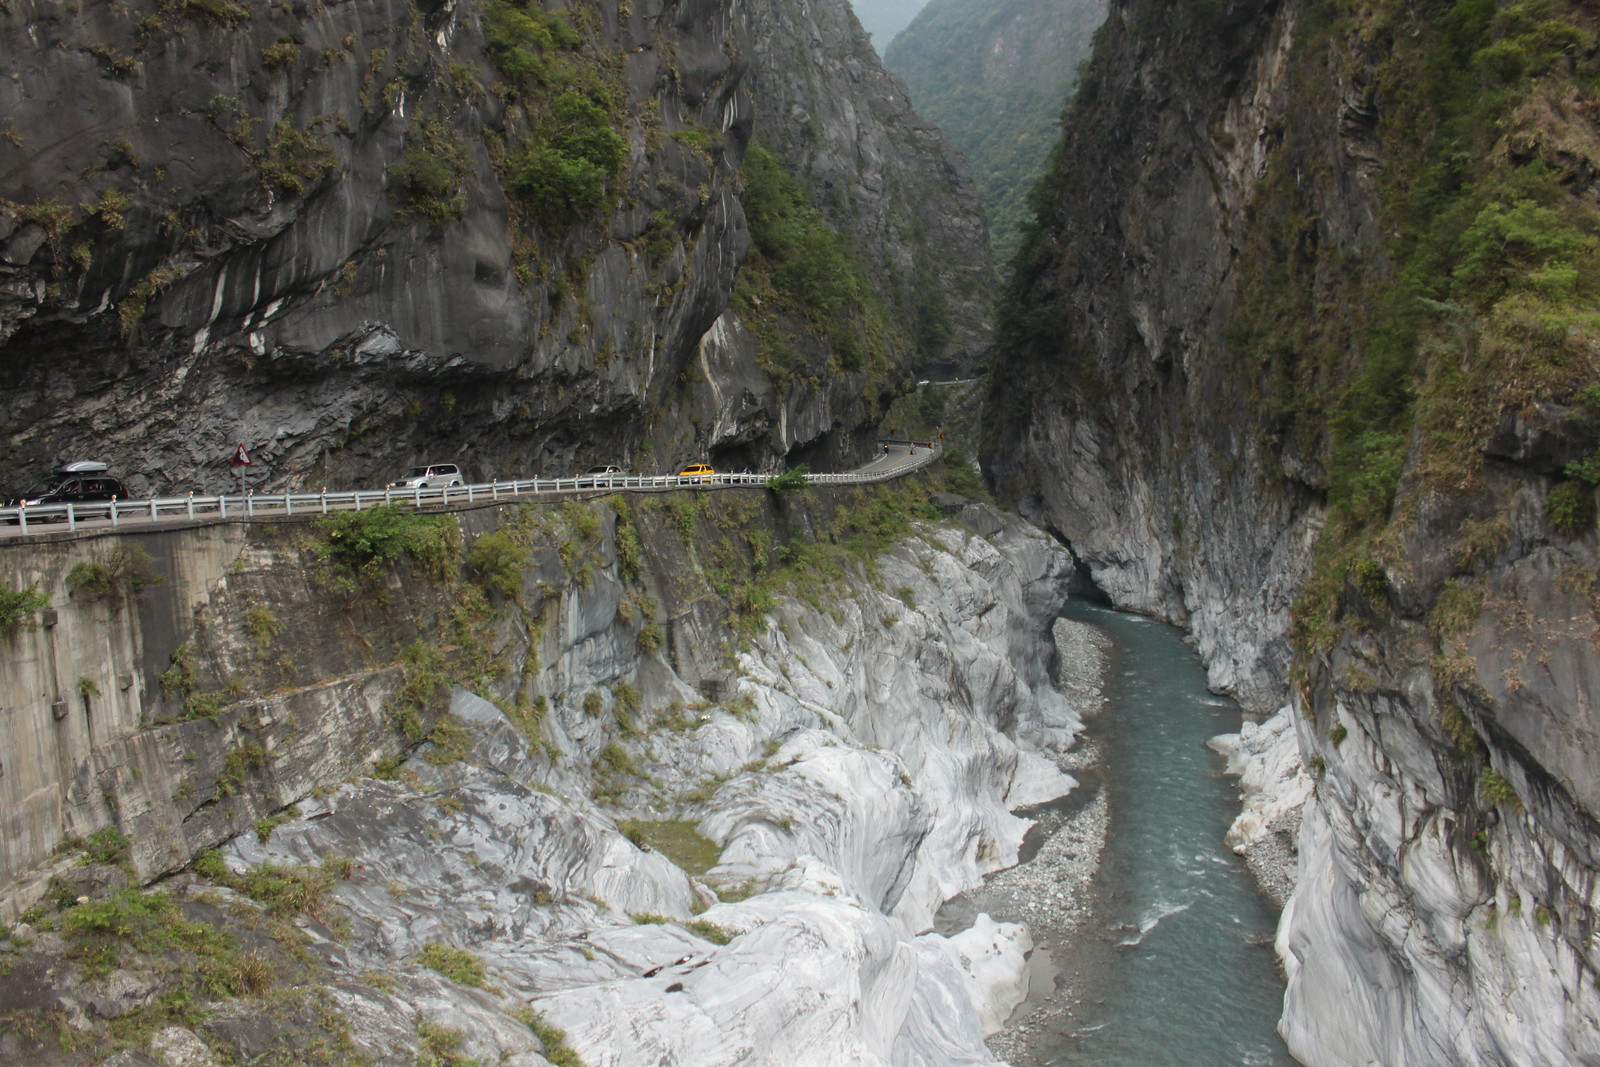 La carretera por el desfiladero del parque nacional